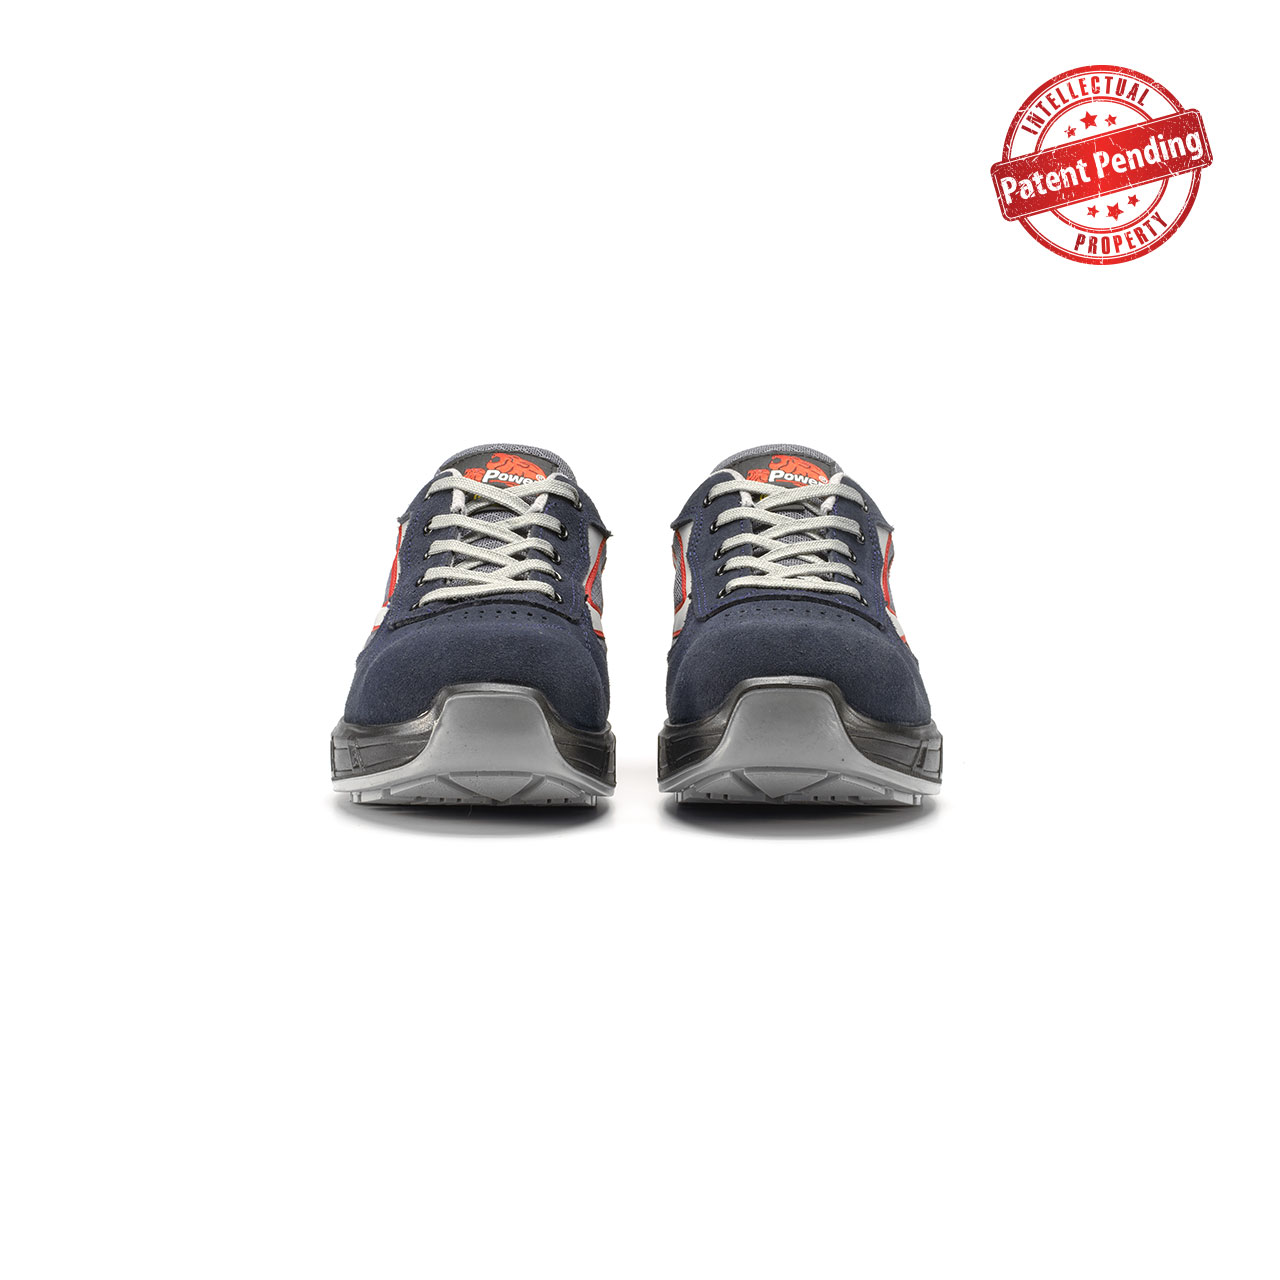 paio di scarpe antinfortunistiche upower modello active carpet linea redcarpet vista frontale